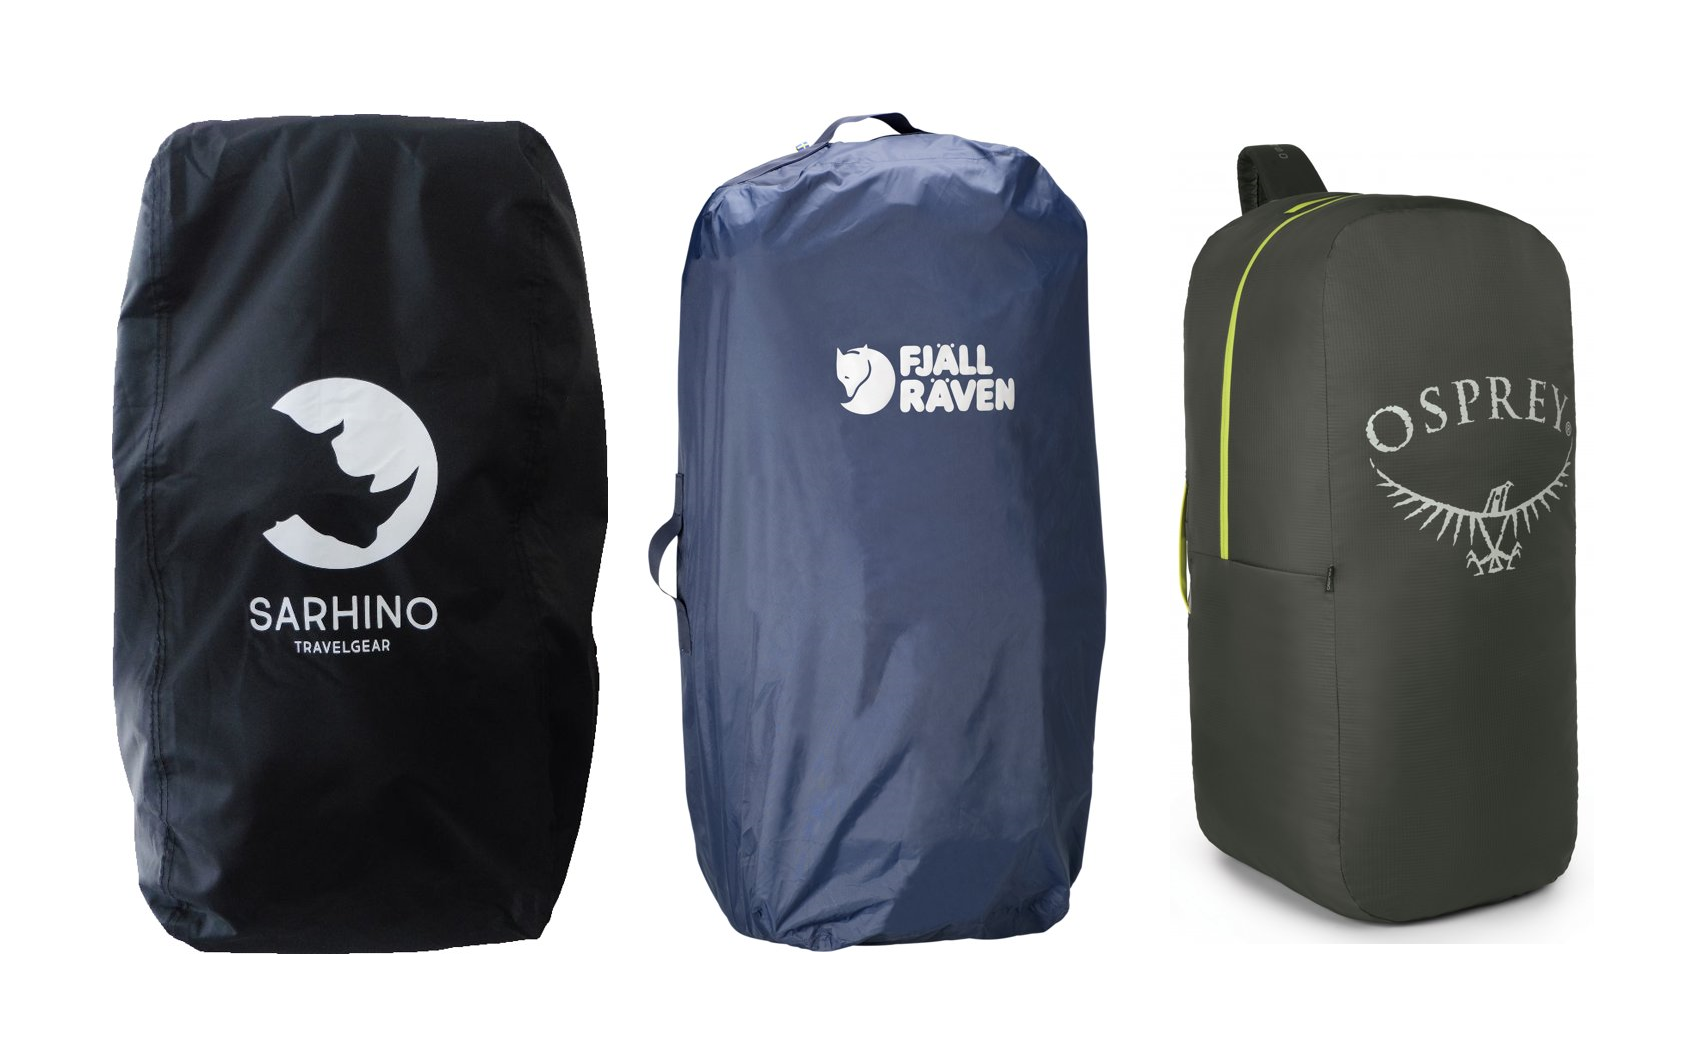 0dfc14bb80d Flightbag (vliegtuighoes backpack) kopen? De 3 beste opties! - Altijd  voorbereid